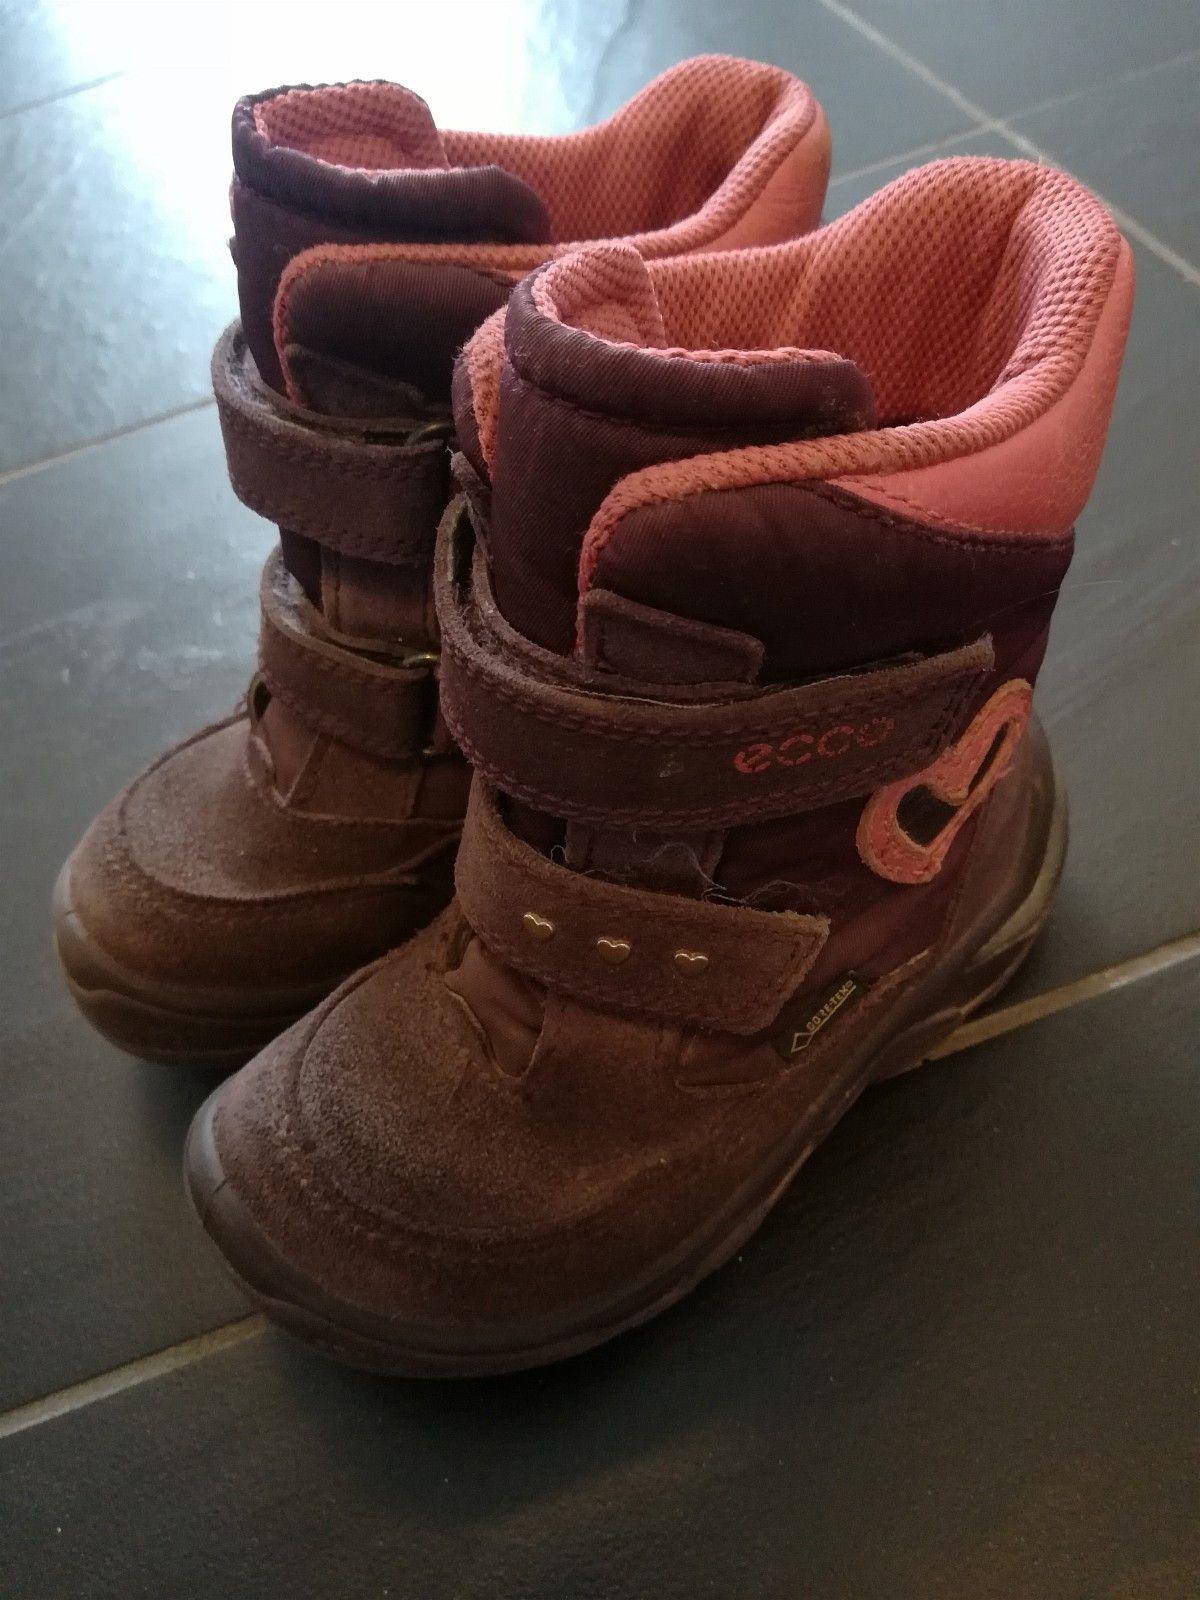 94775bcd879 Ecco Goretex str 25 og i str 27, gode og lette vinter Goretex sko. (1/10)